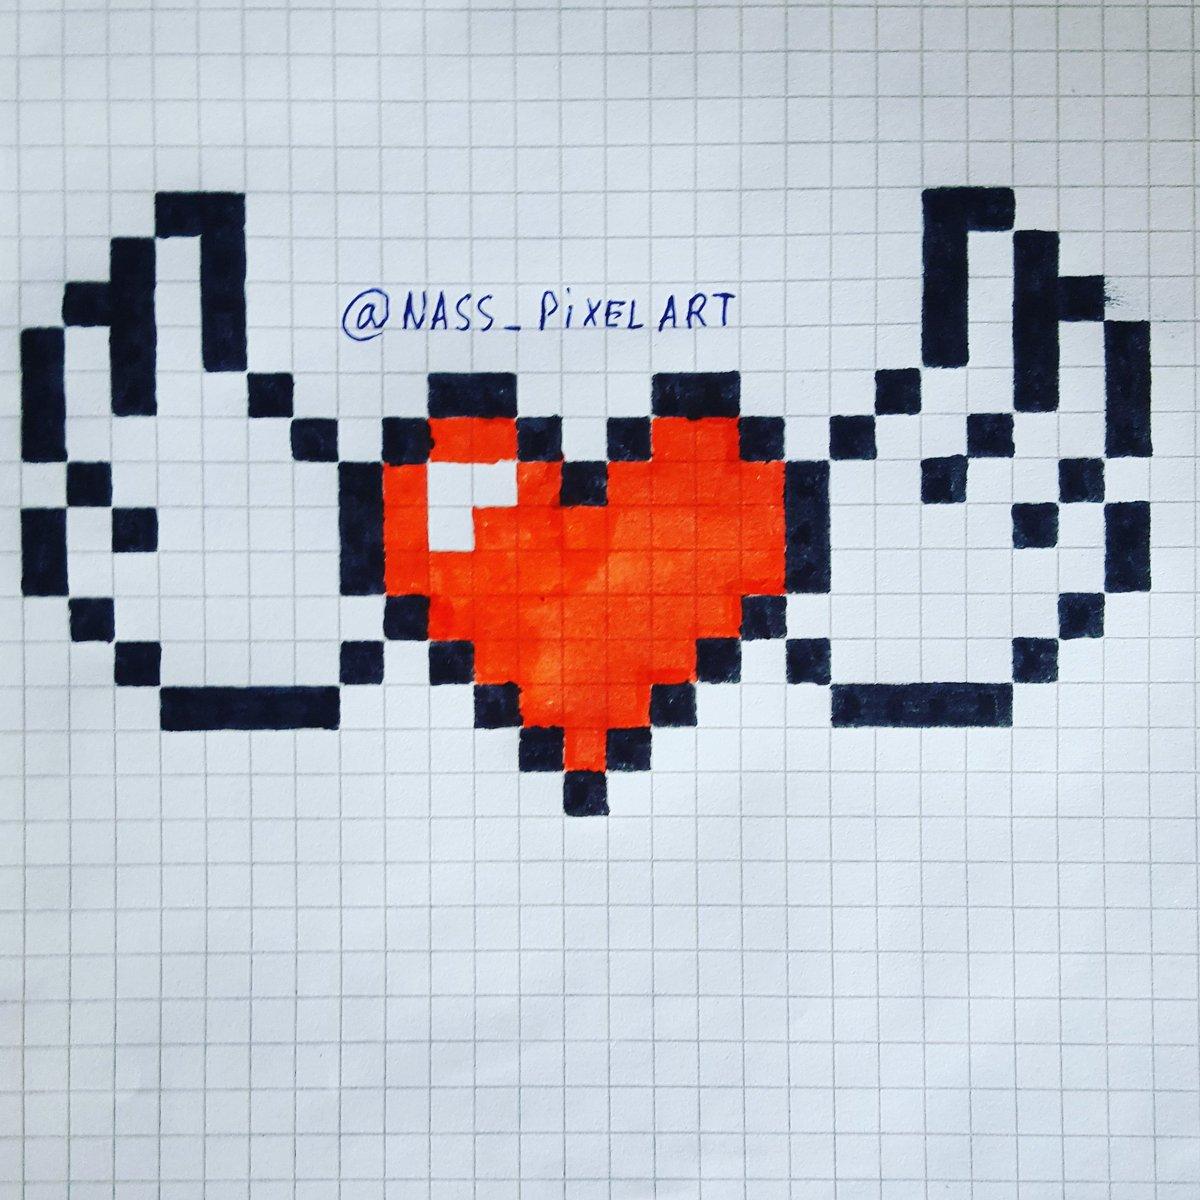 Nass Pixelart At Nasspixelart Twitter